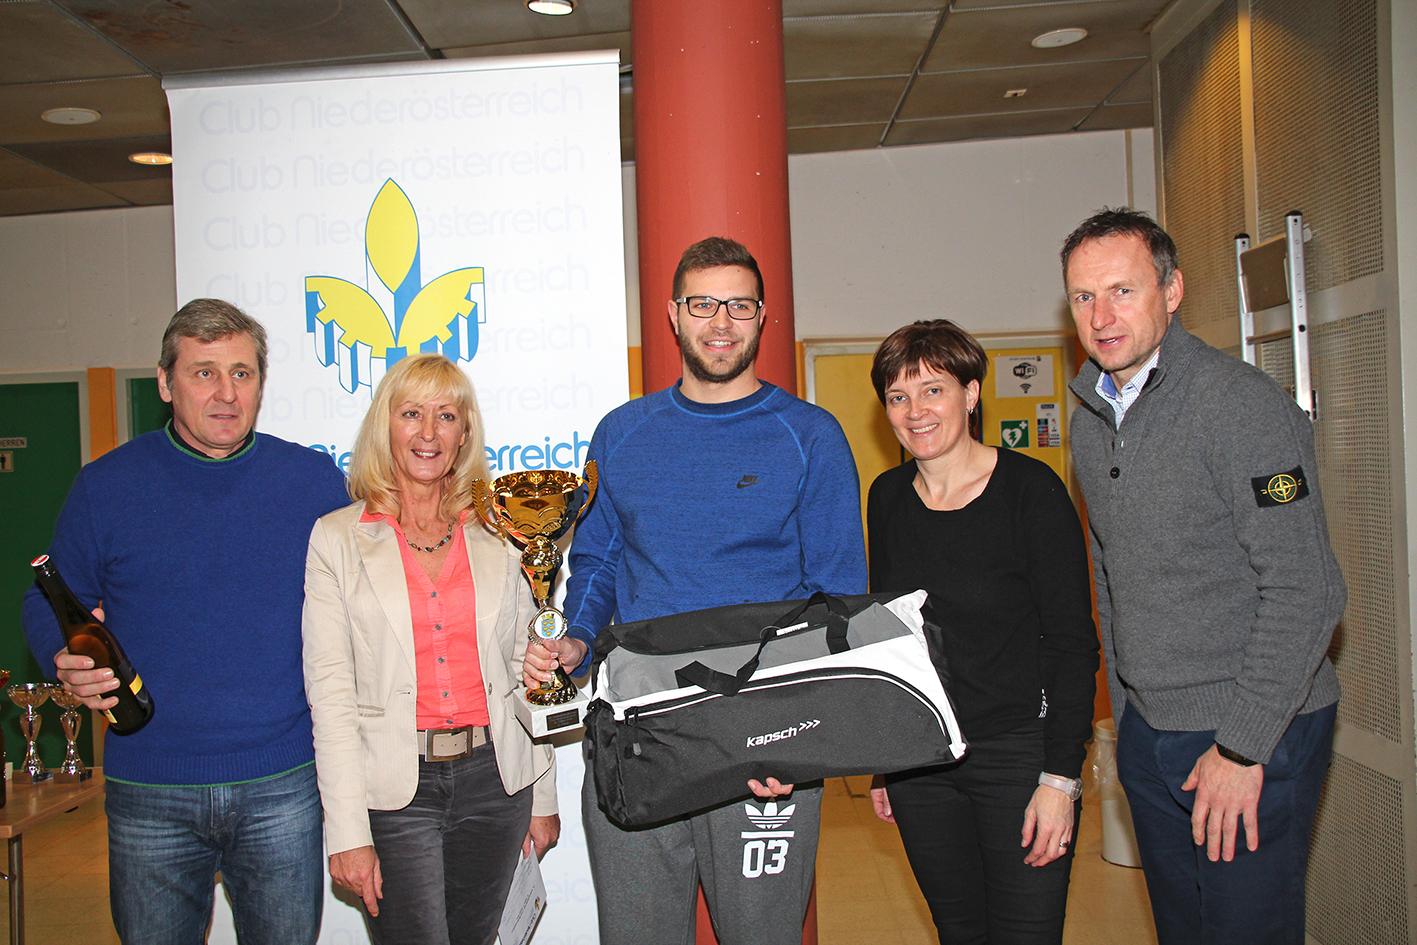 Die Sieger: Ewald Jenisch (Thermokon), Theres Friewald-Hofbauer (Geschäftsführerin des Club Niederösterreich), Fabian Gaida (Thermokon), Beate Schrank (Club Niederösterreich), Toni Pfeffer Foto: Club NÖ